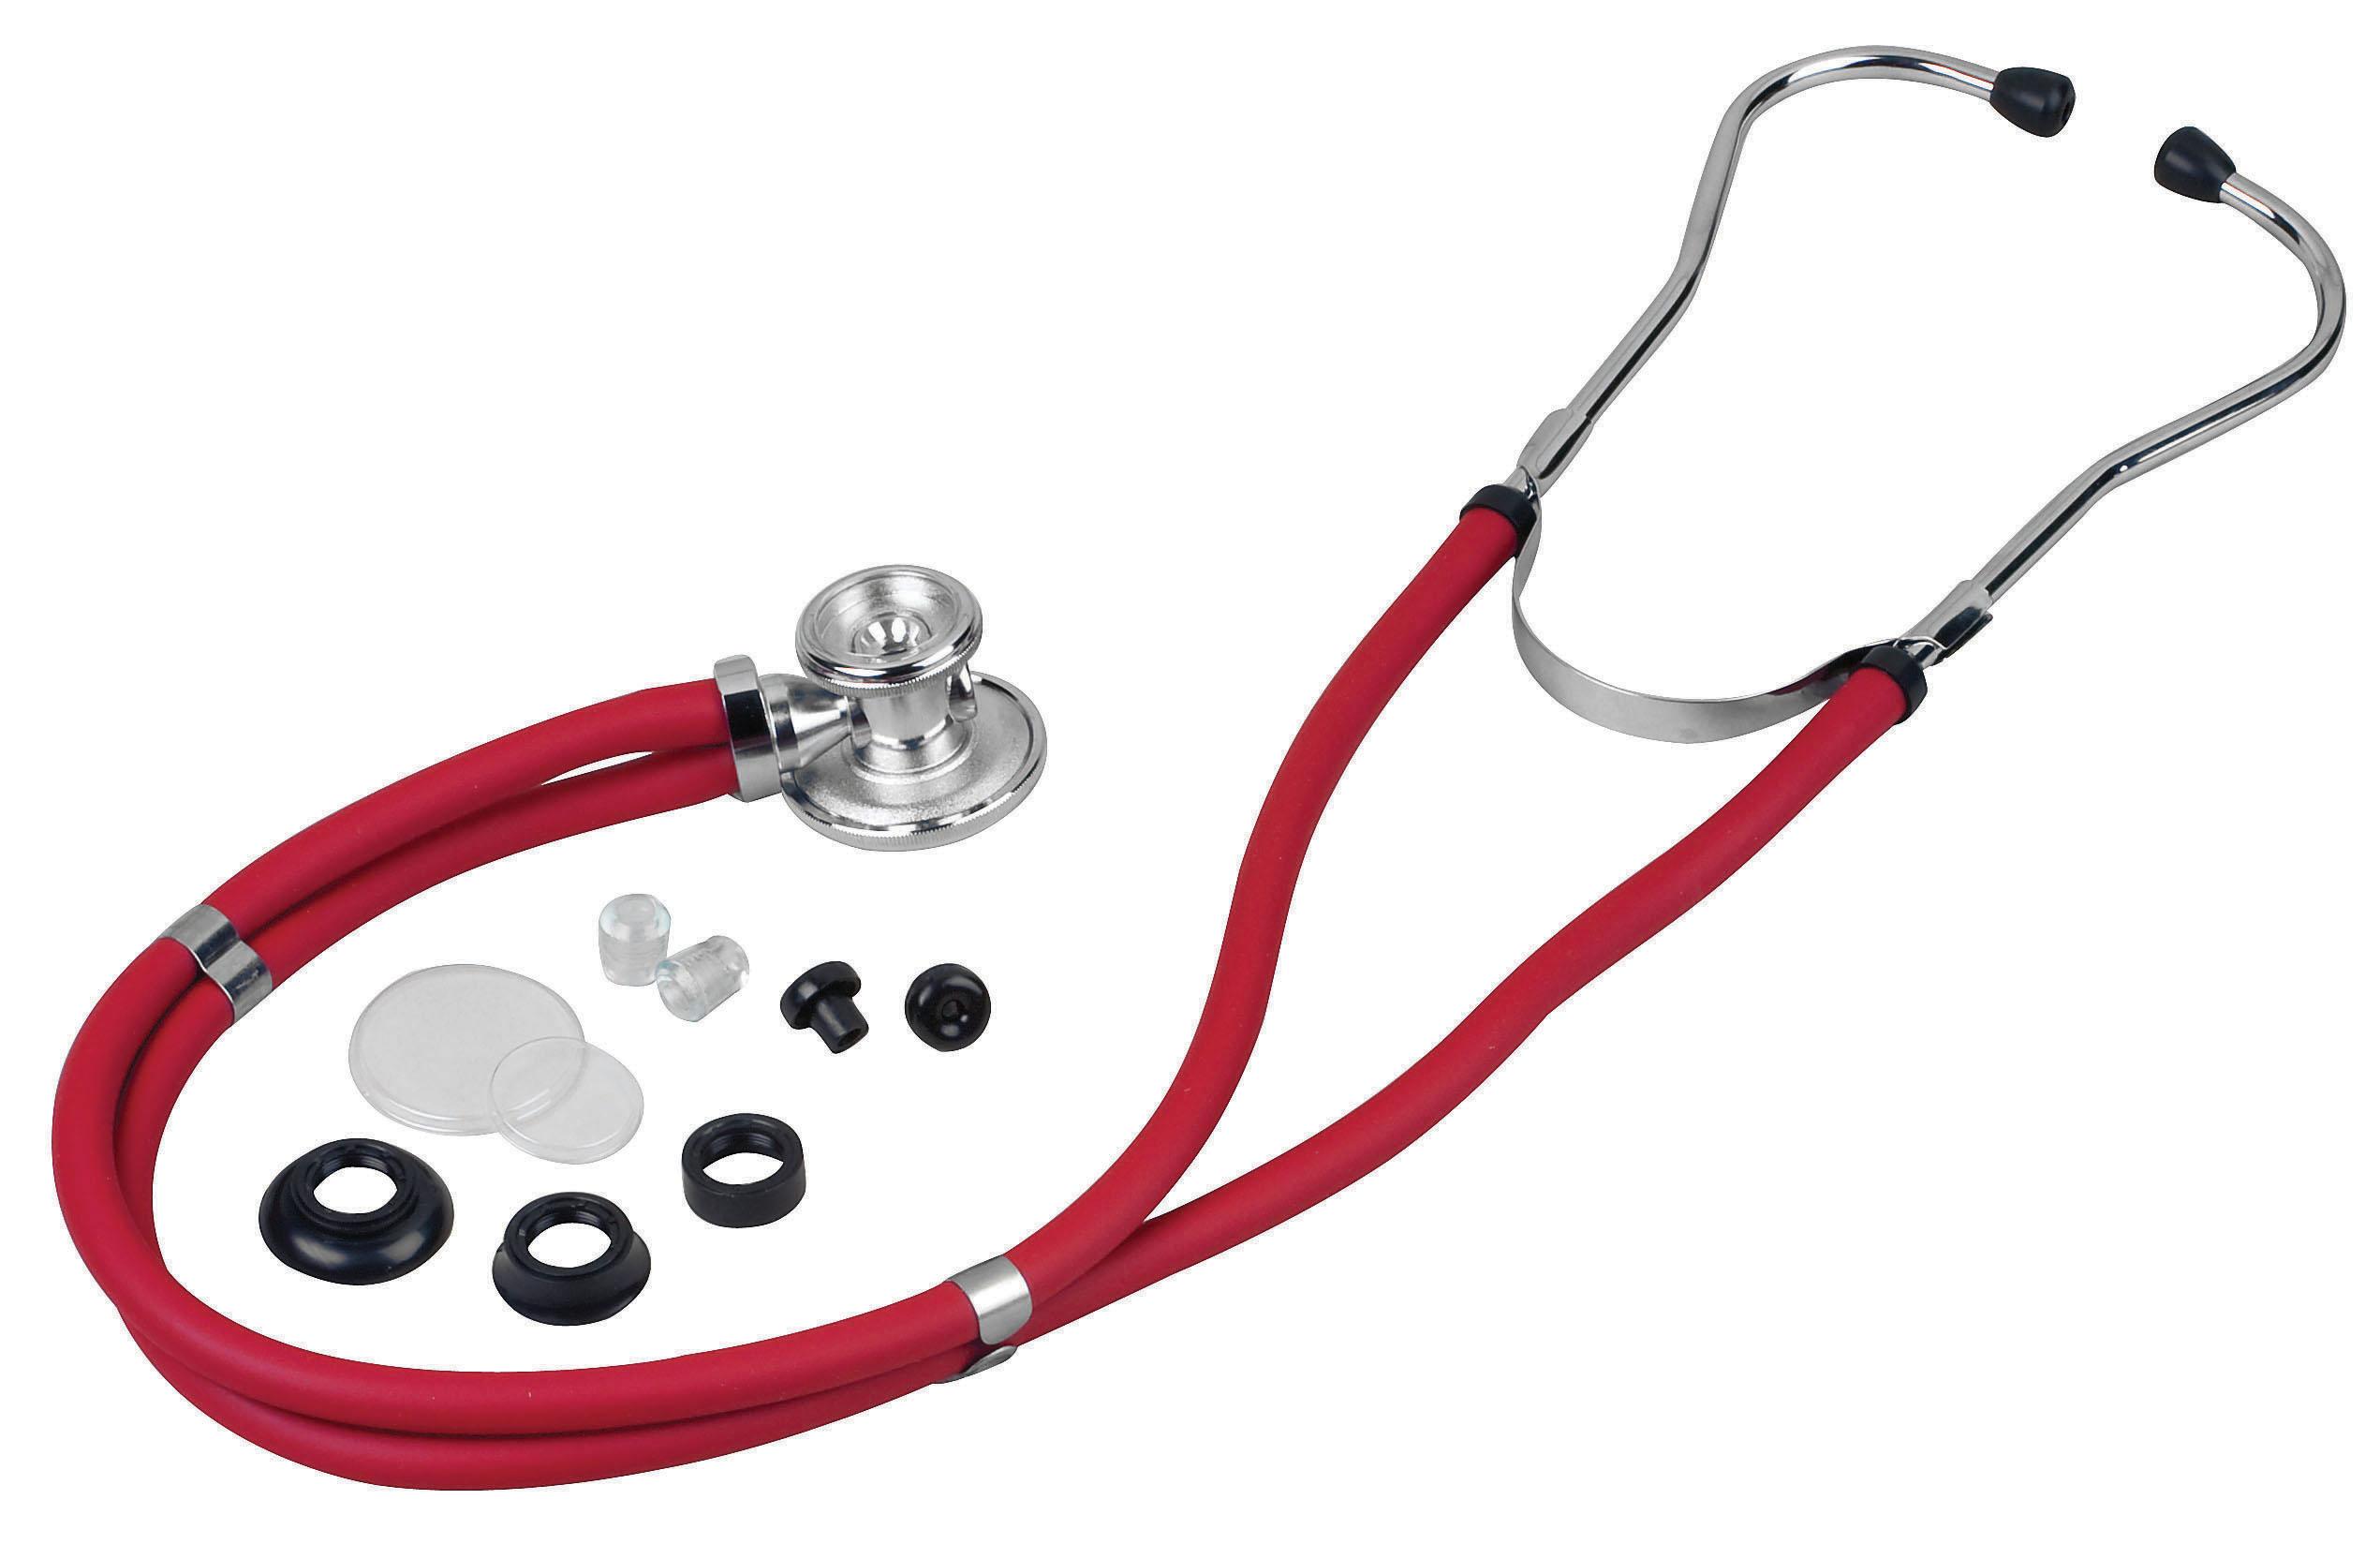 sterling-series-sprague-rappaport-type-stethoscope-red-slider-pack-05-11112-veridian-2.jpg